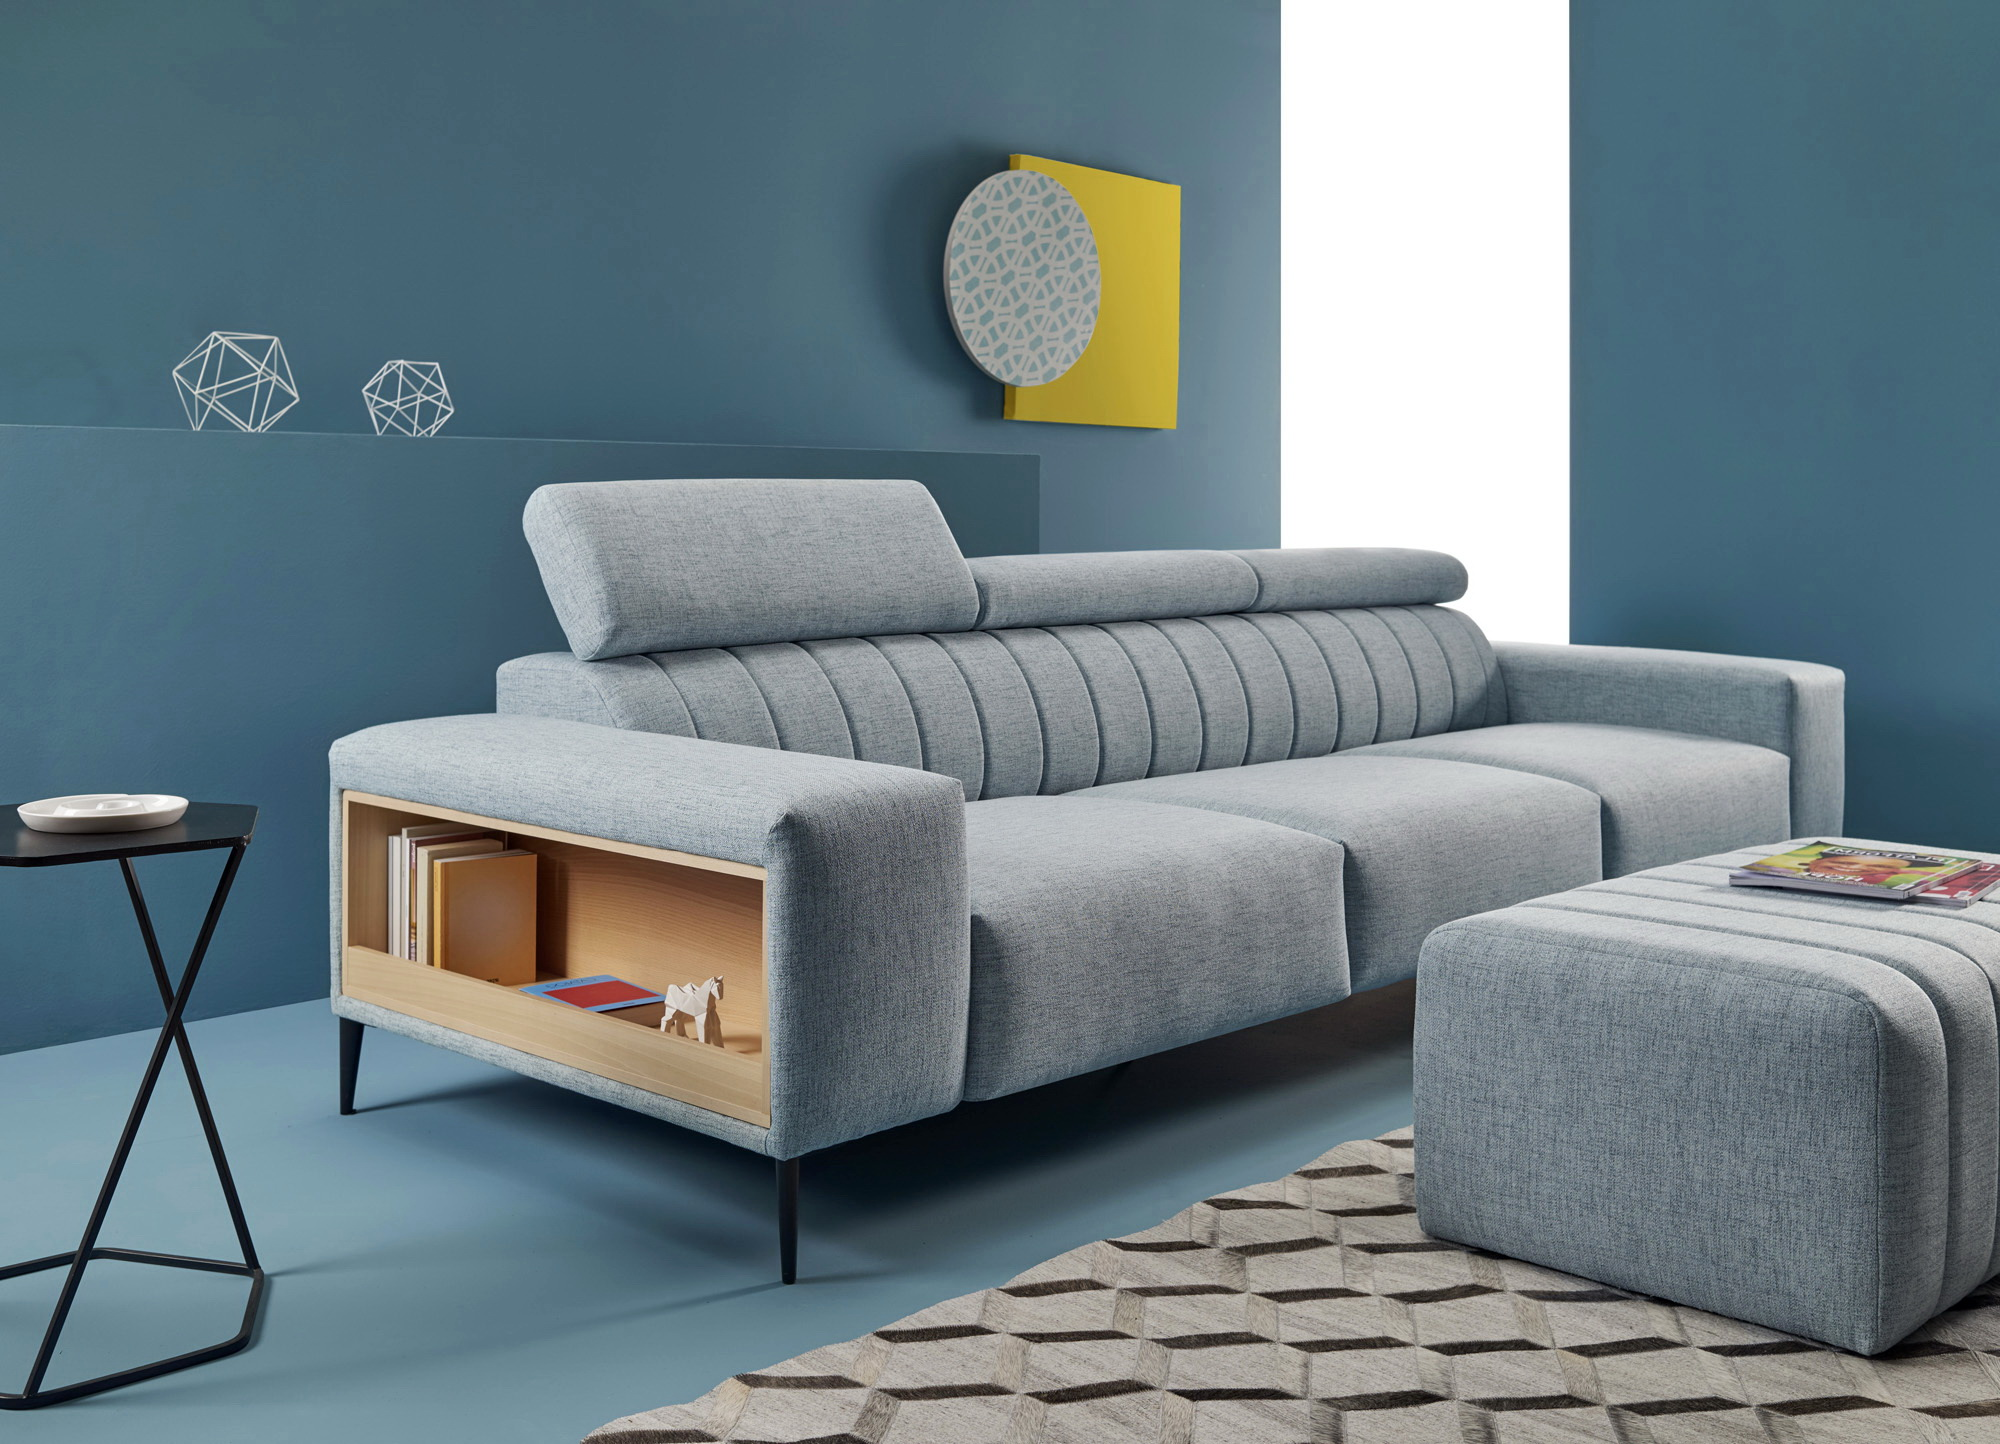 ORIGEN Acolchado sofá asientos fijos by Reyes Ordoñez SOFÁ 4 PLAZAS 01.1 de venta en Muebles ANTOÑÁN León